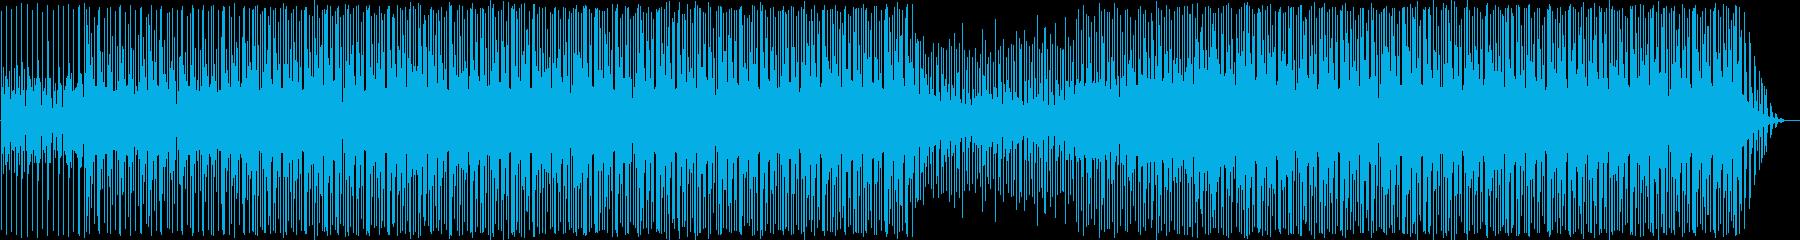 リズミカルでハーモニックな要素がた...の再生済みの波形